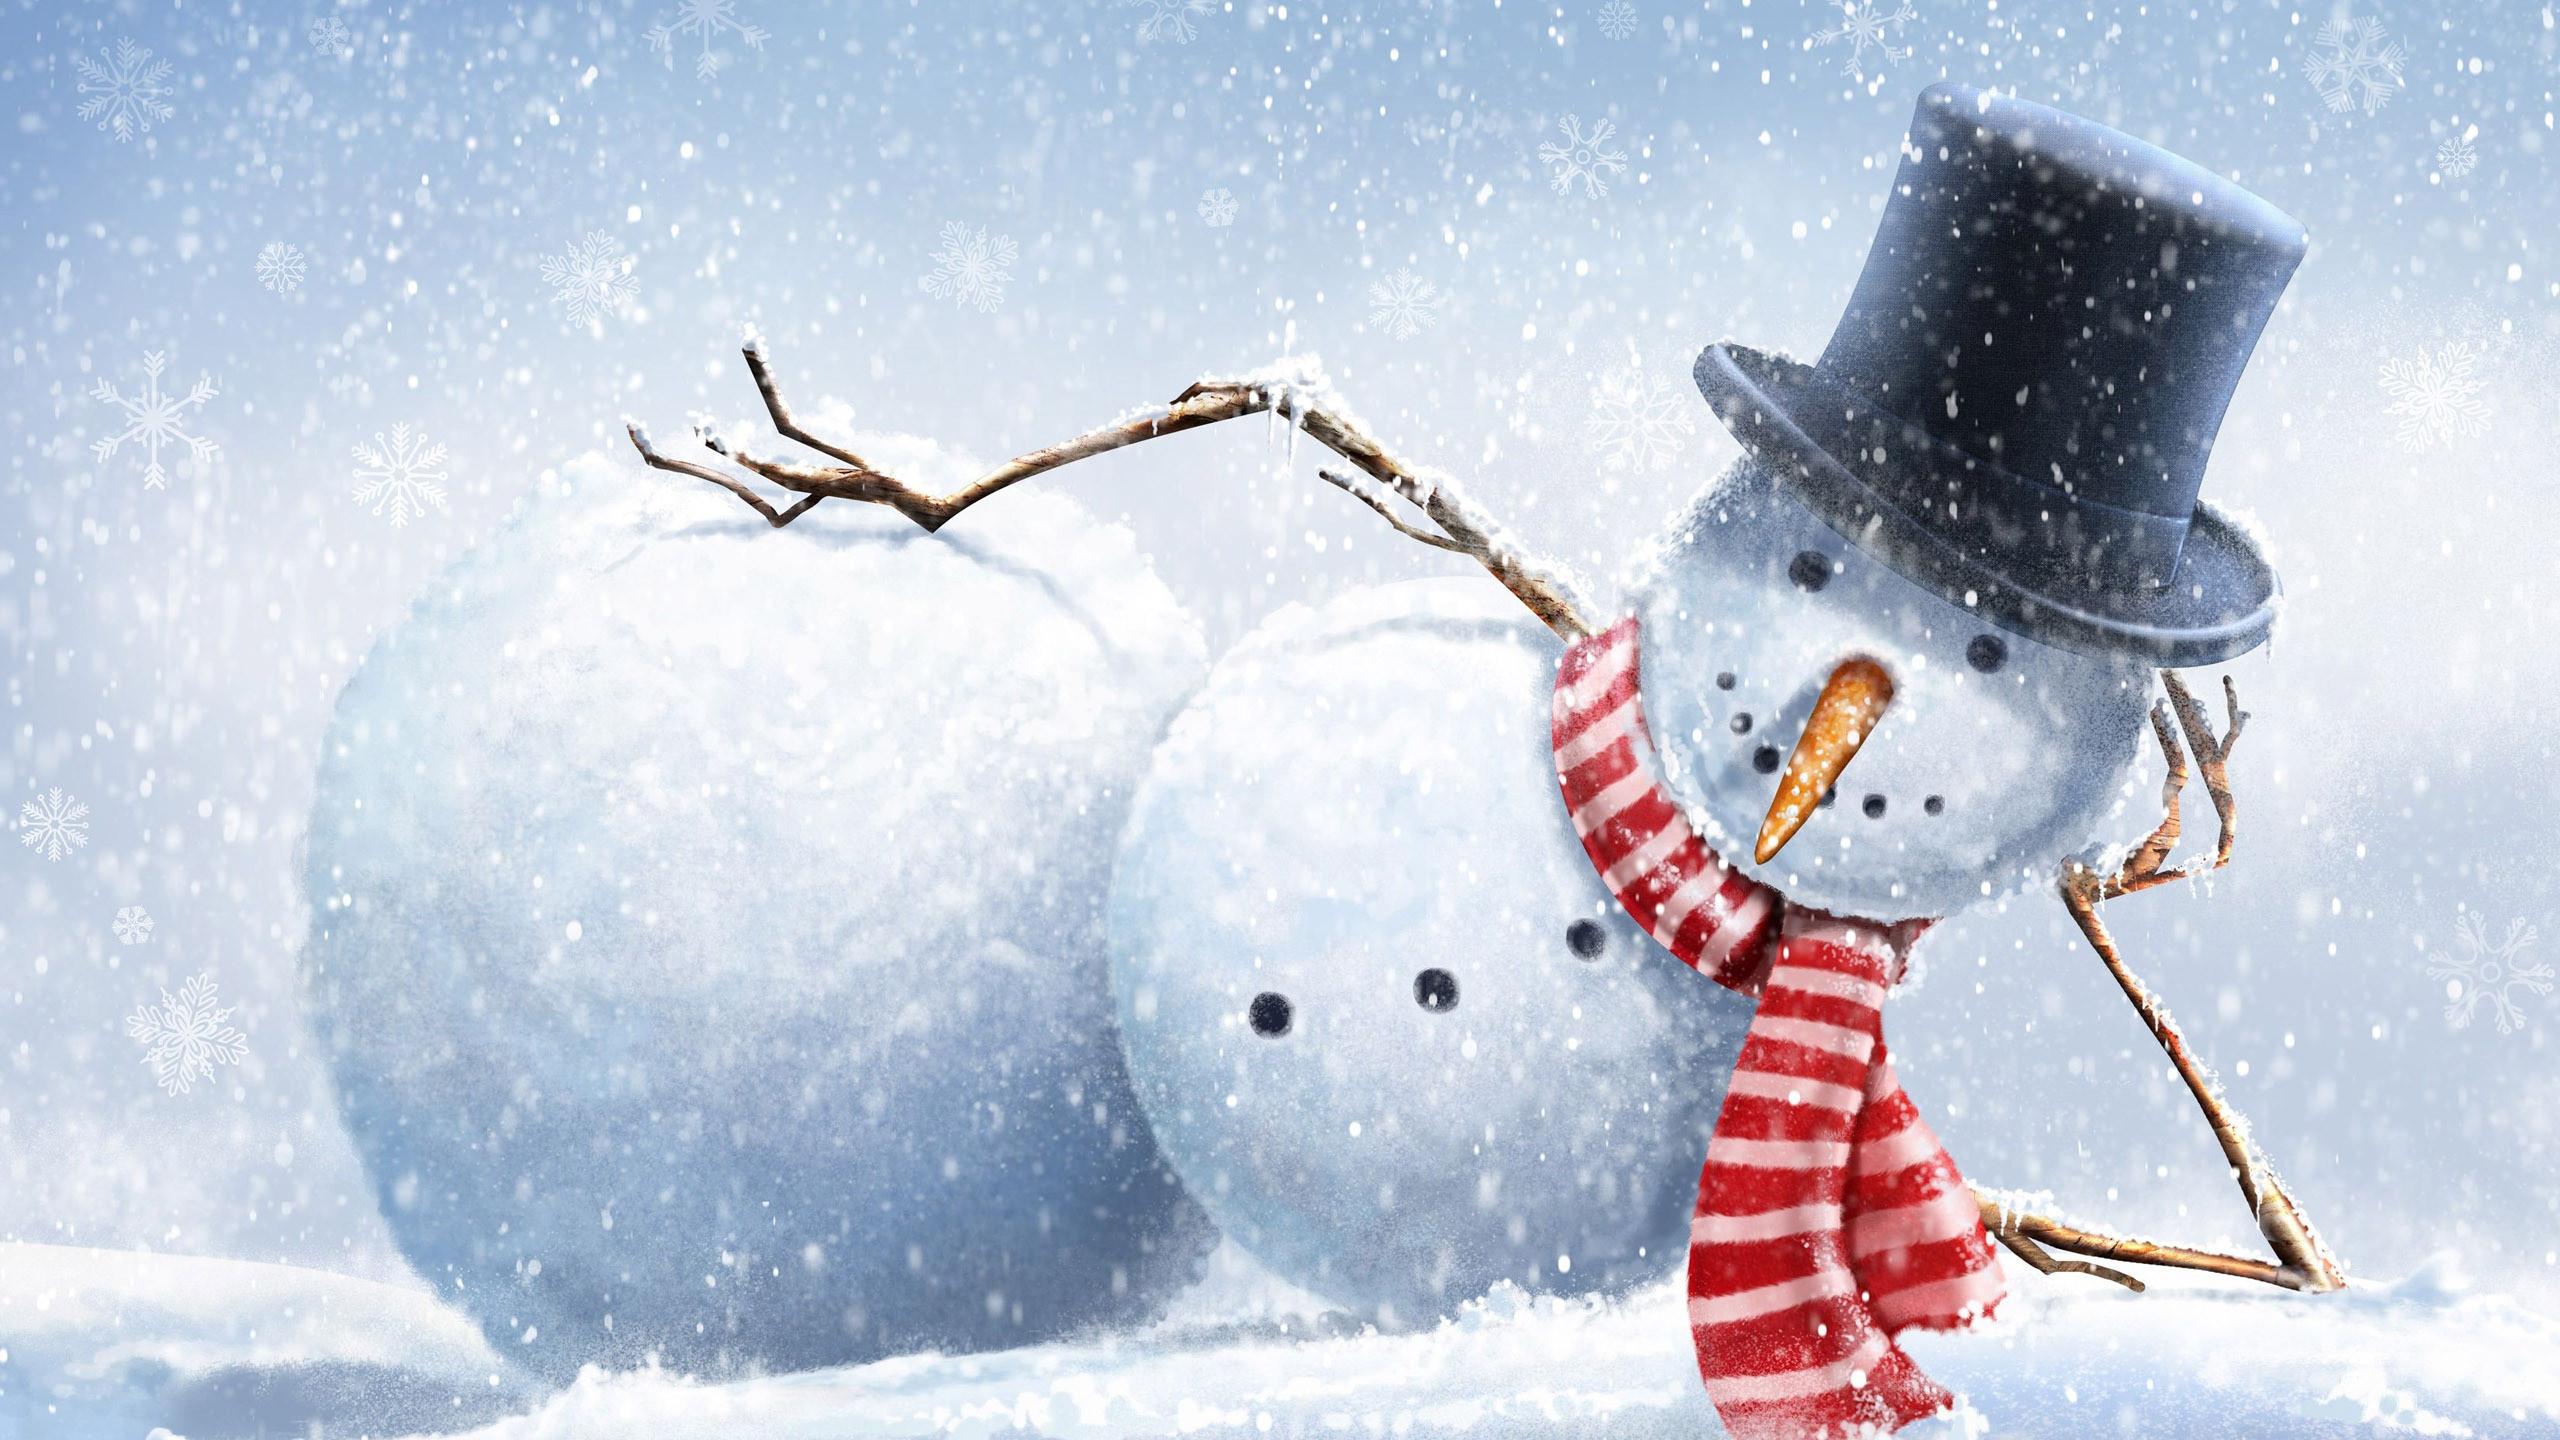 Снеговик на сноуборде  № 3290189  скачать